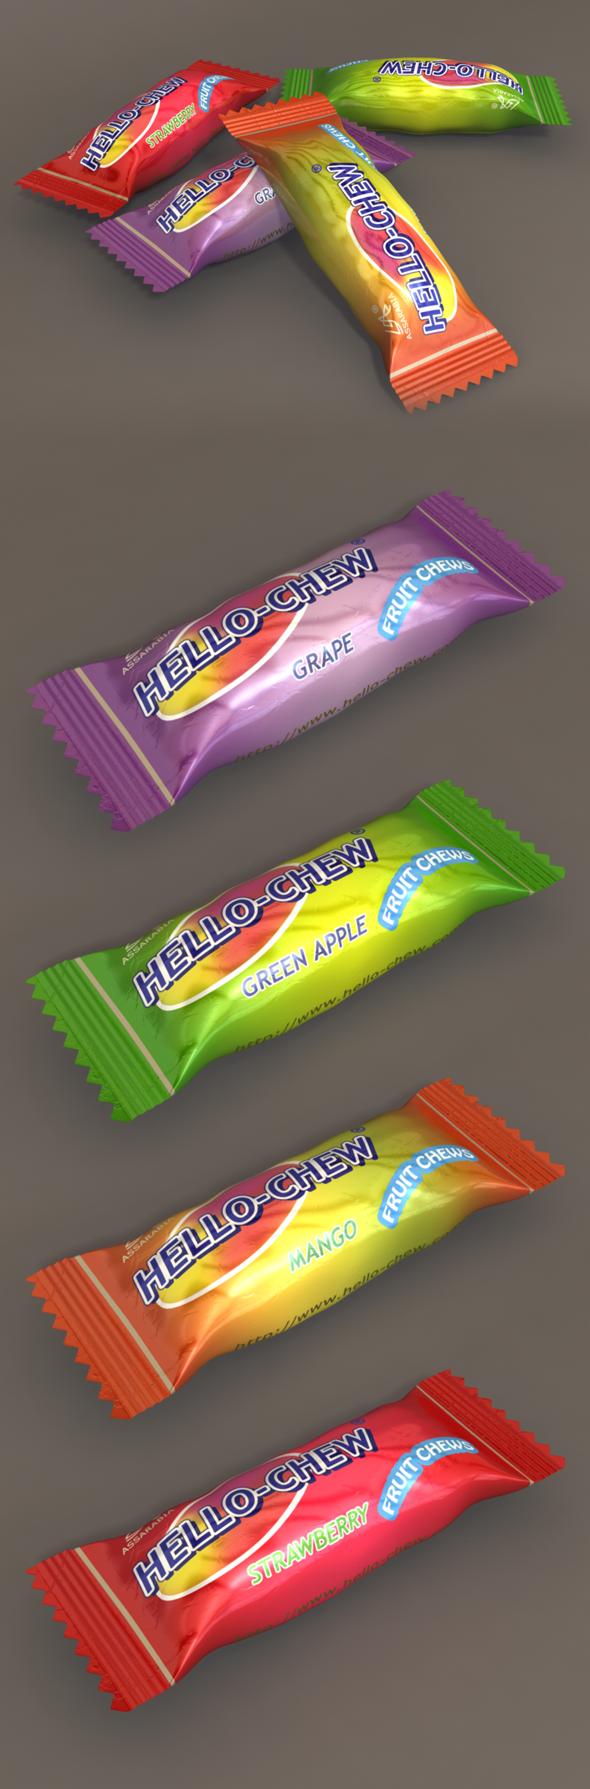 3DOcean 3D Candy Model 6775666